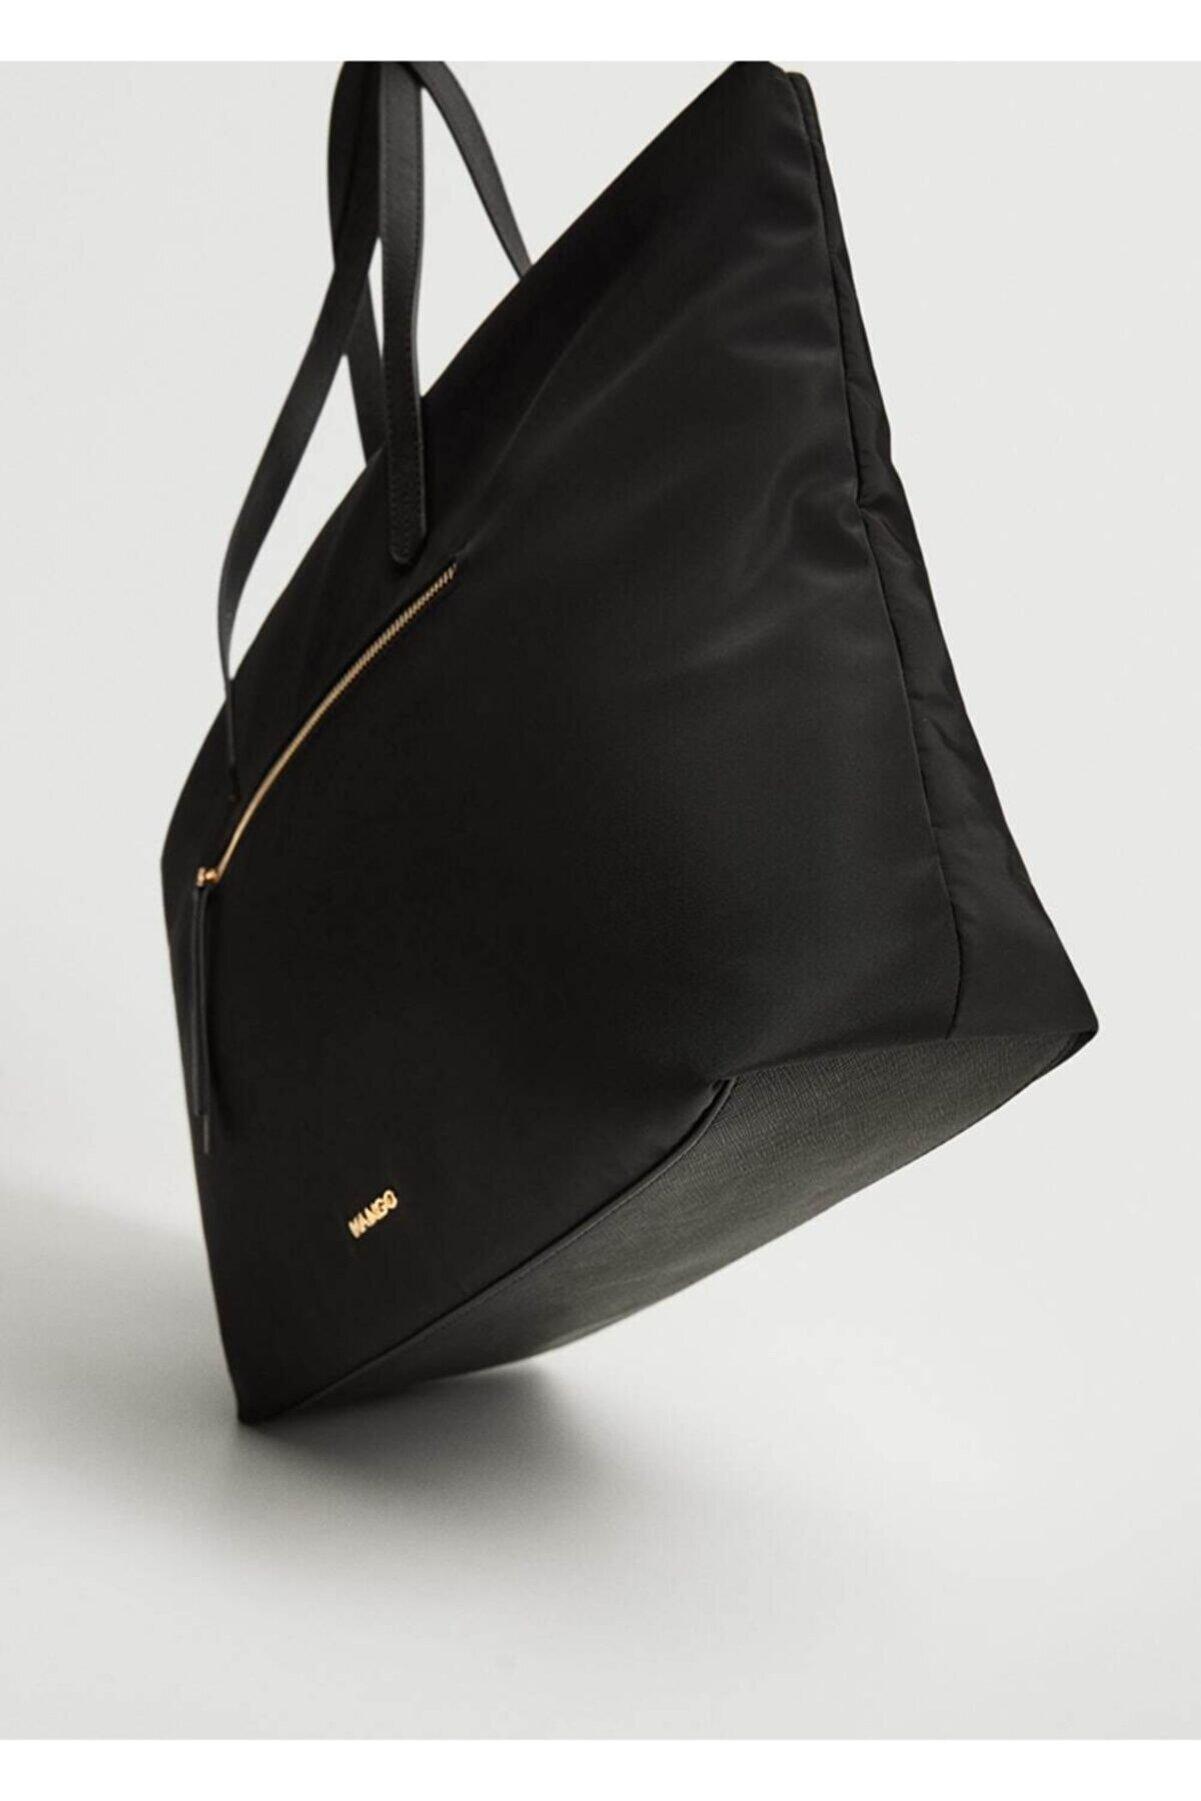 Mango Kadın Siyah Cepli Shopper Çanta